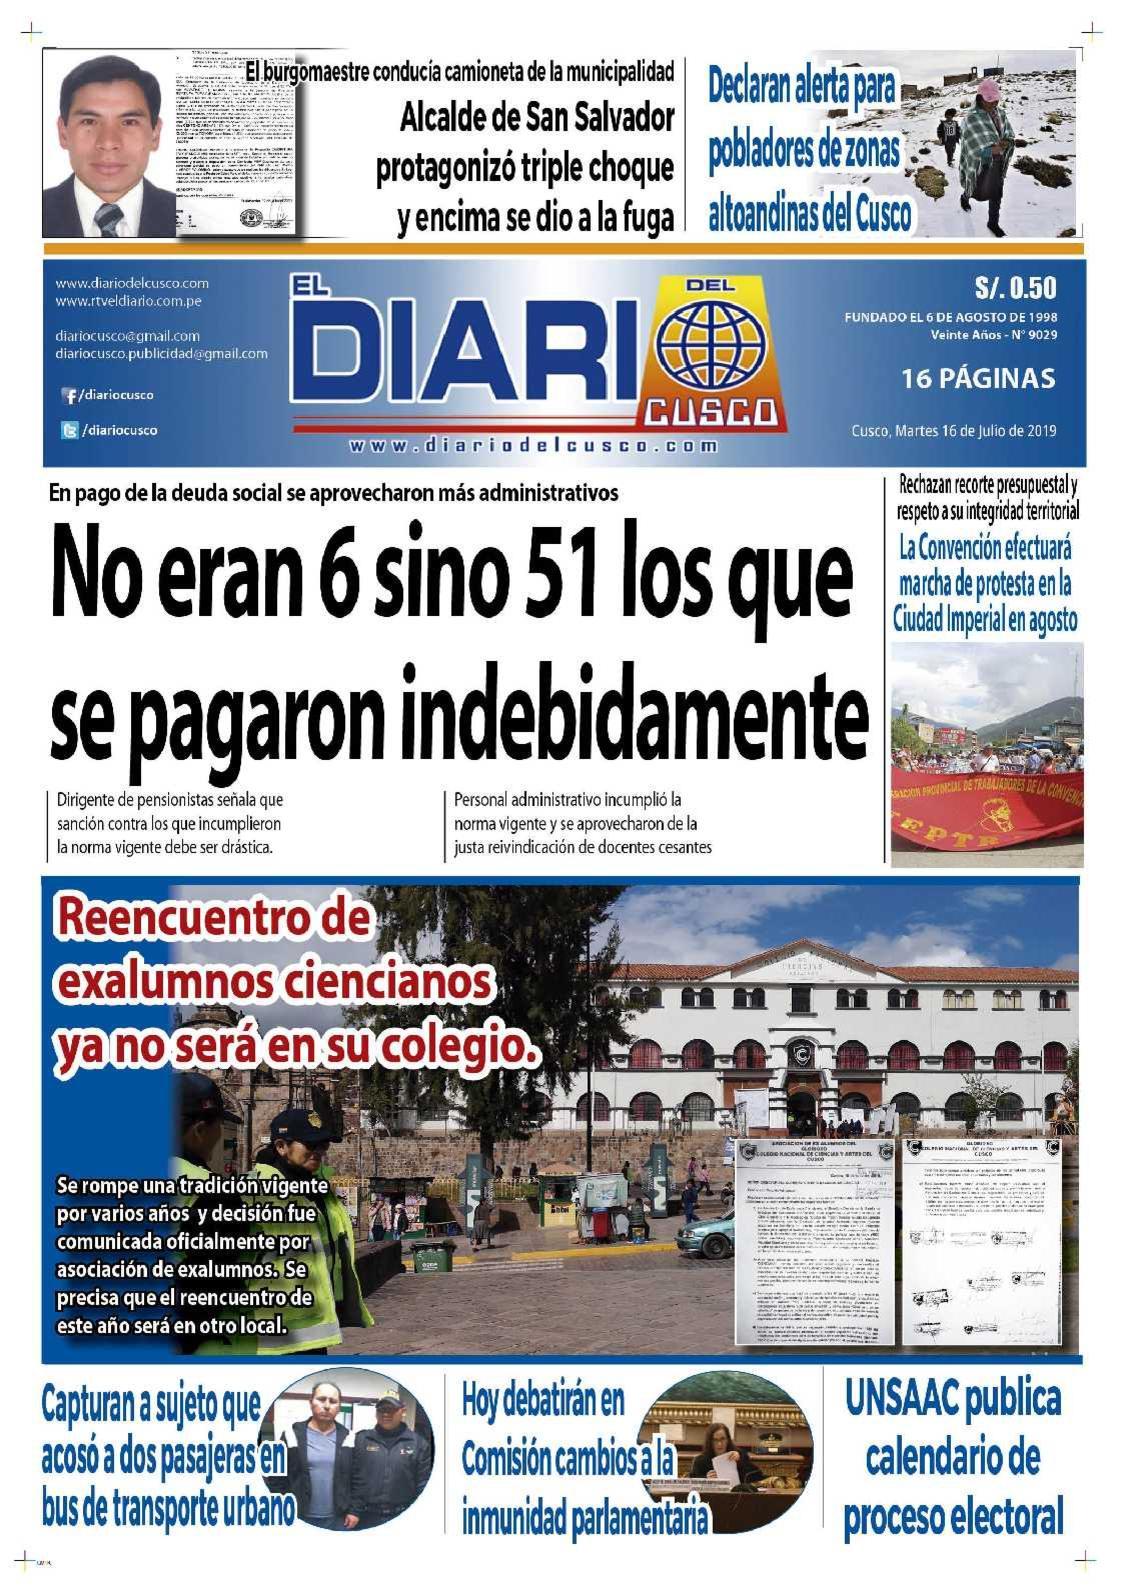 Diario del Cusco 16 de Julio de 2019